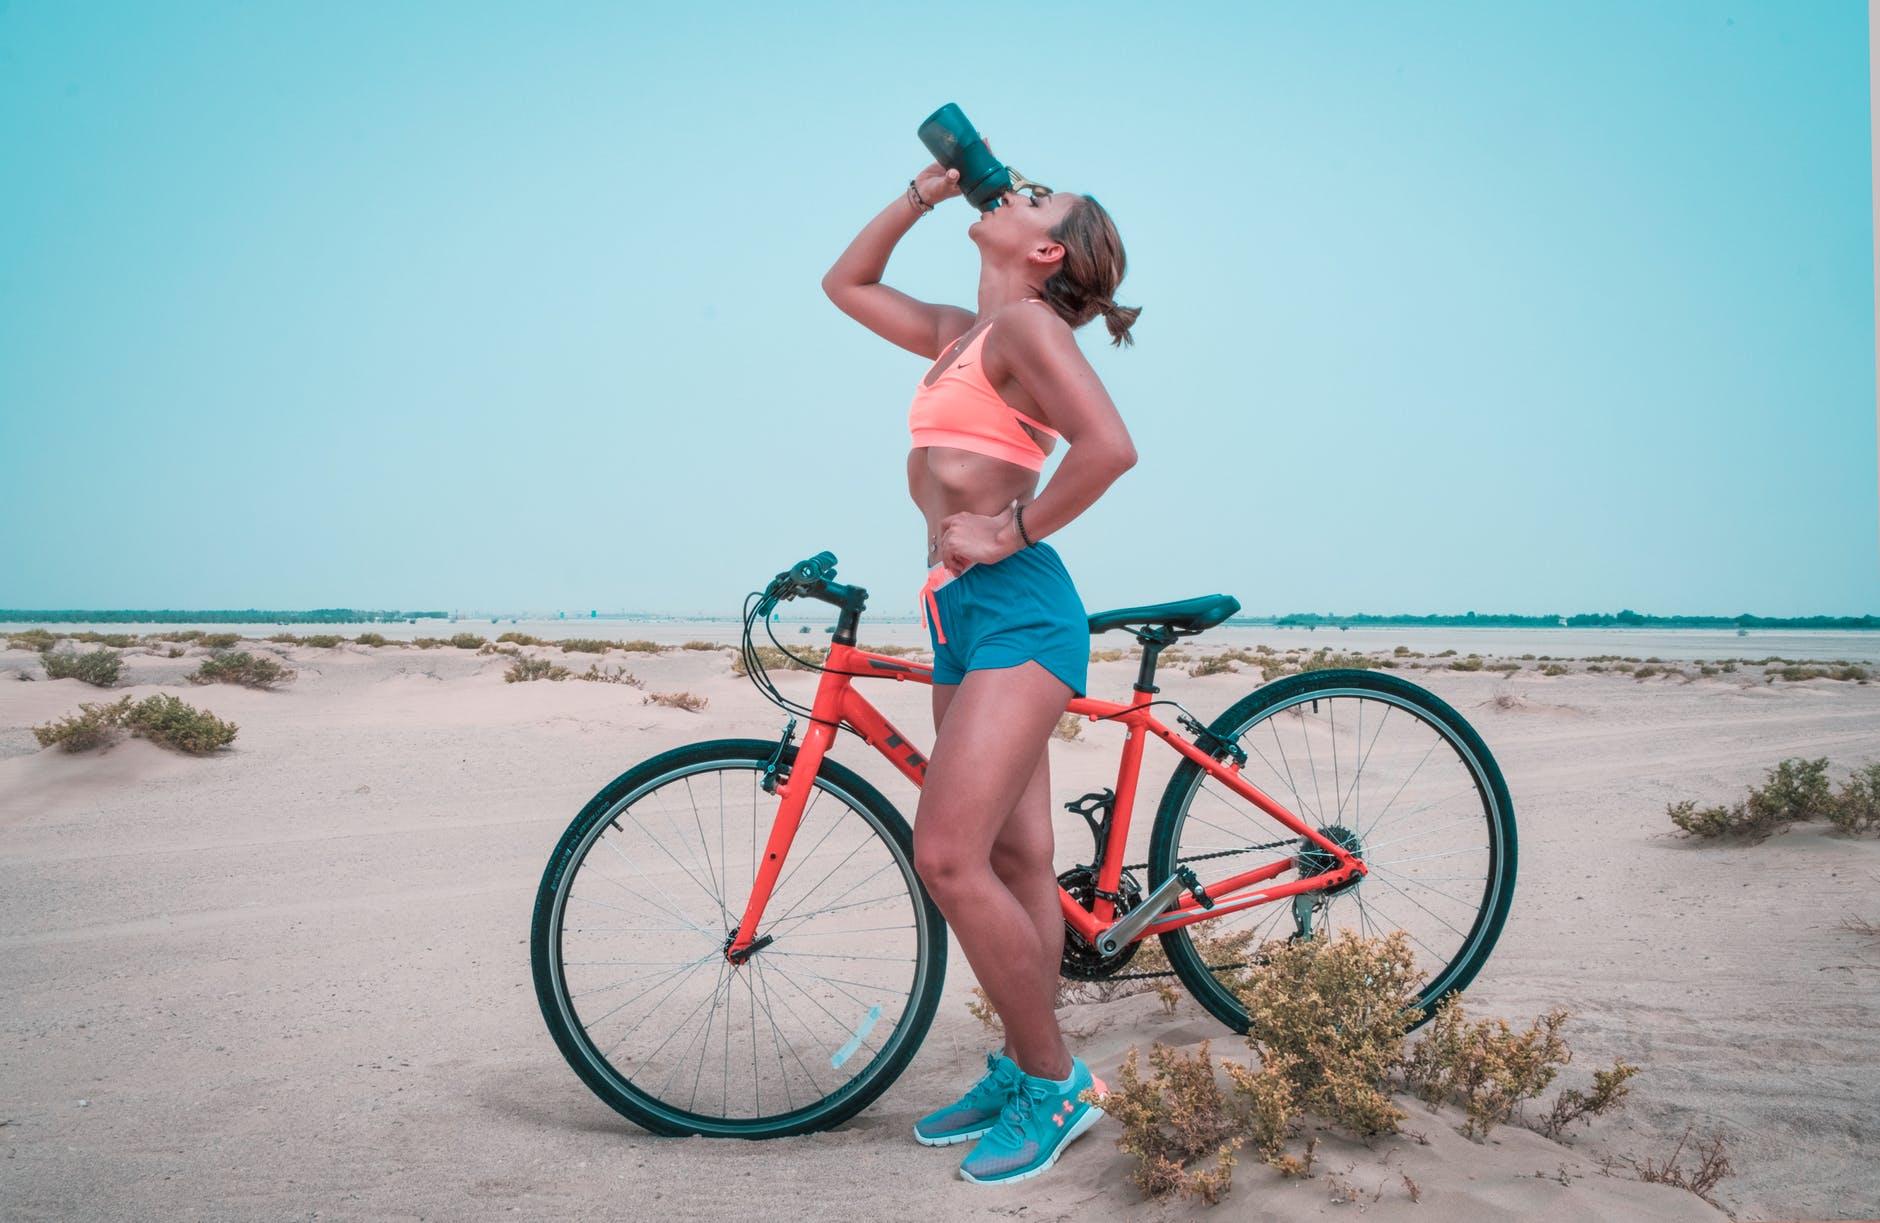 Fitness Supplemente für Anfänger Q&A - Fragen und Antworten zum Muskelaufbau bei Frauen,welche Supplements sinnvollsind, welche gut für den #Muskelaufbau und #Fettabbau (#abnehmen als Frau) Welche Supplements man wirklich braucht. + gratisHIIT Trainingsplan + Supplemente Plan. Aufklärung für Anfänger.Was ist was und wofür? Die häufigsten Fragen in diesem Blogpost.